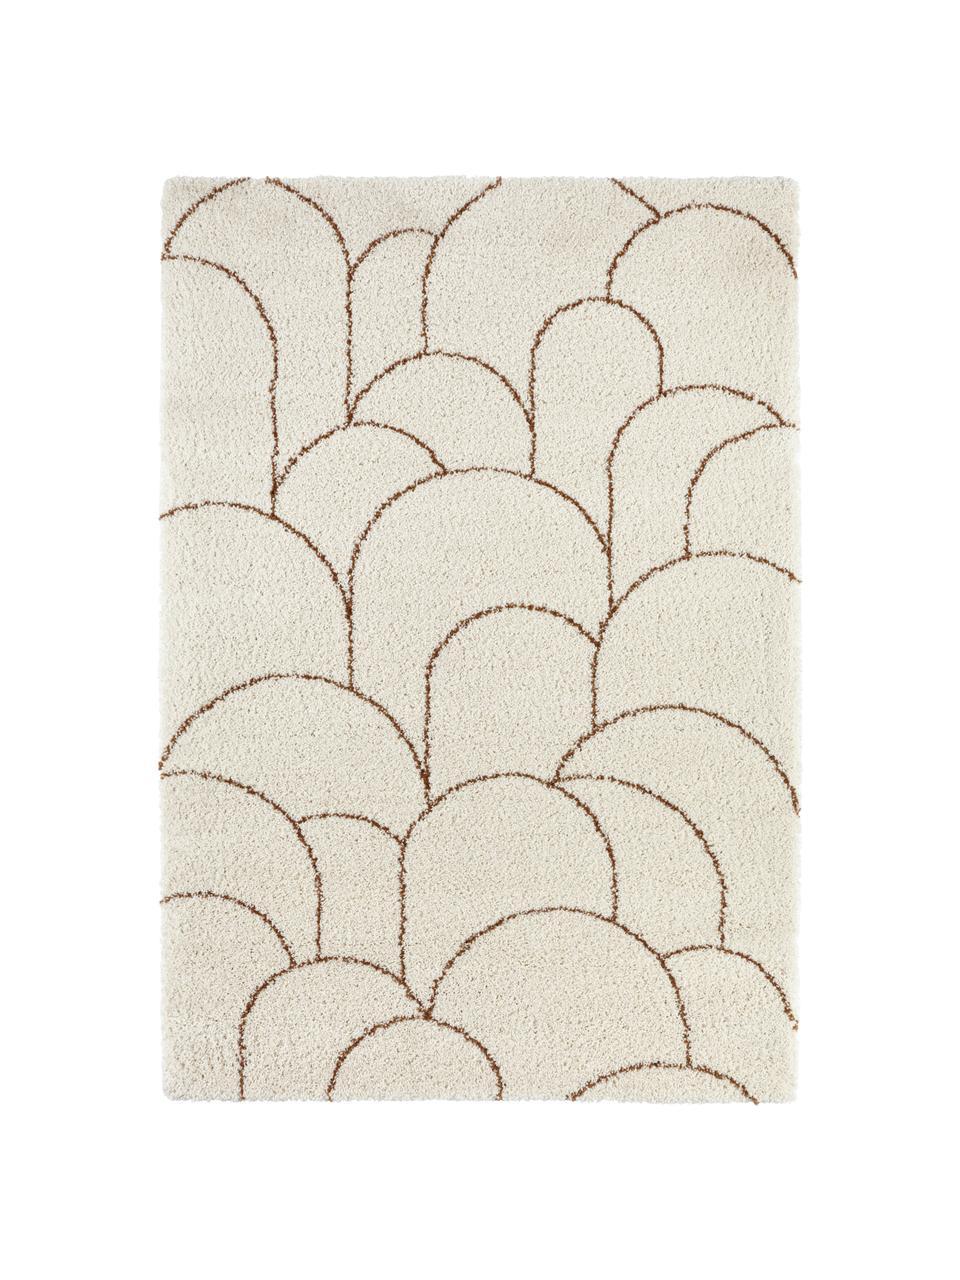 Tappeto a pelo lungo color crema/marrone con motivo grafico Desso, 100% polipropilene, Beige, marrone, Larg. 80 x Lung. 150 cm (taglia XS)